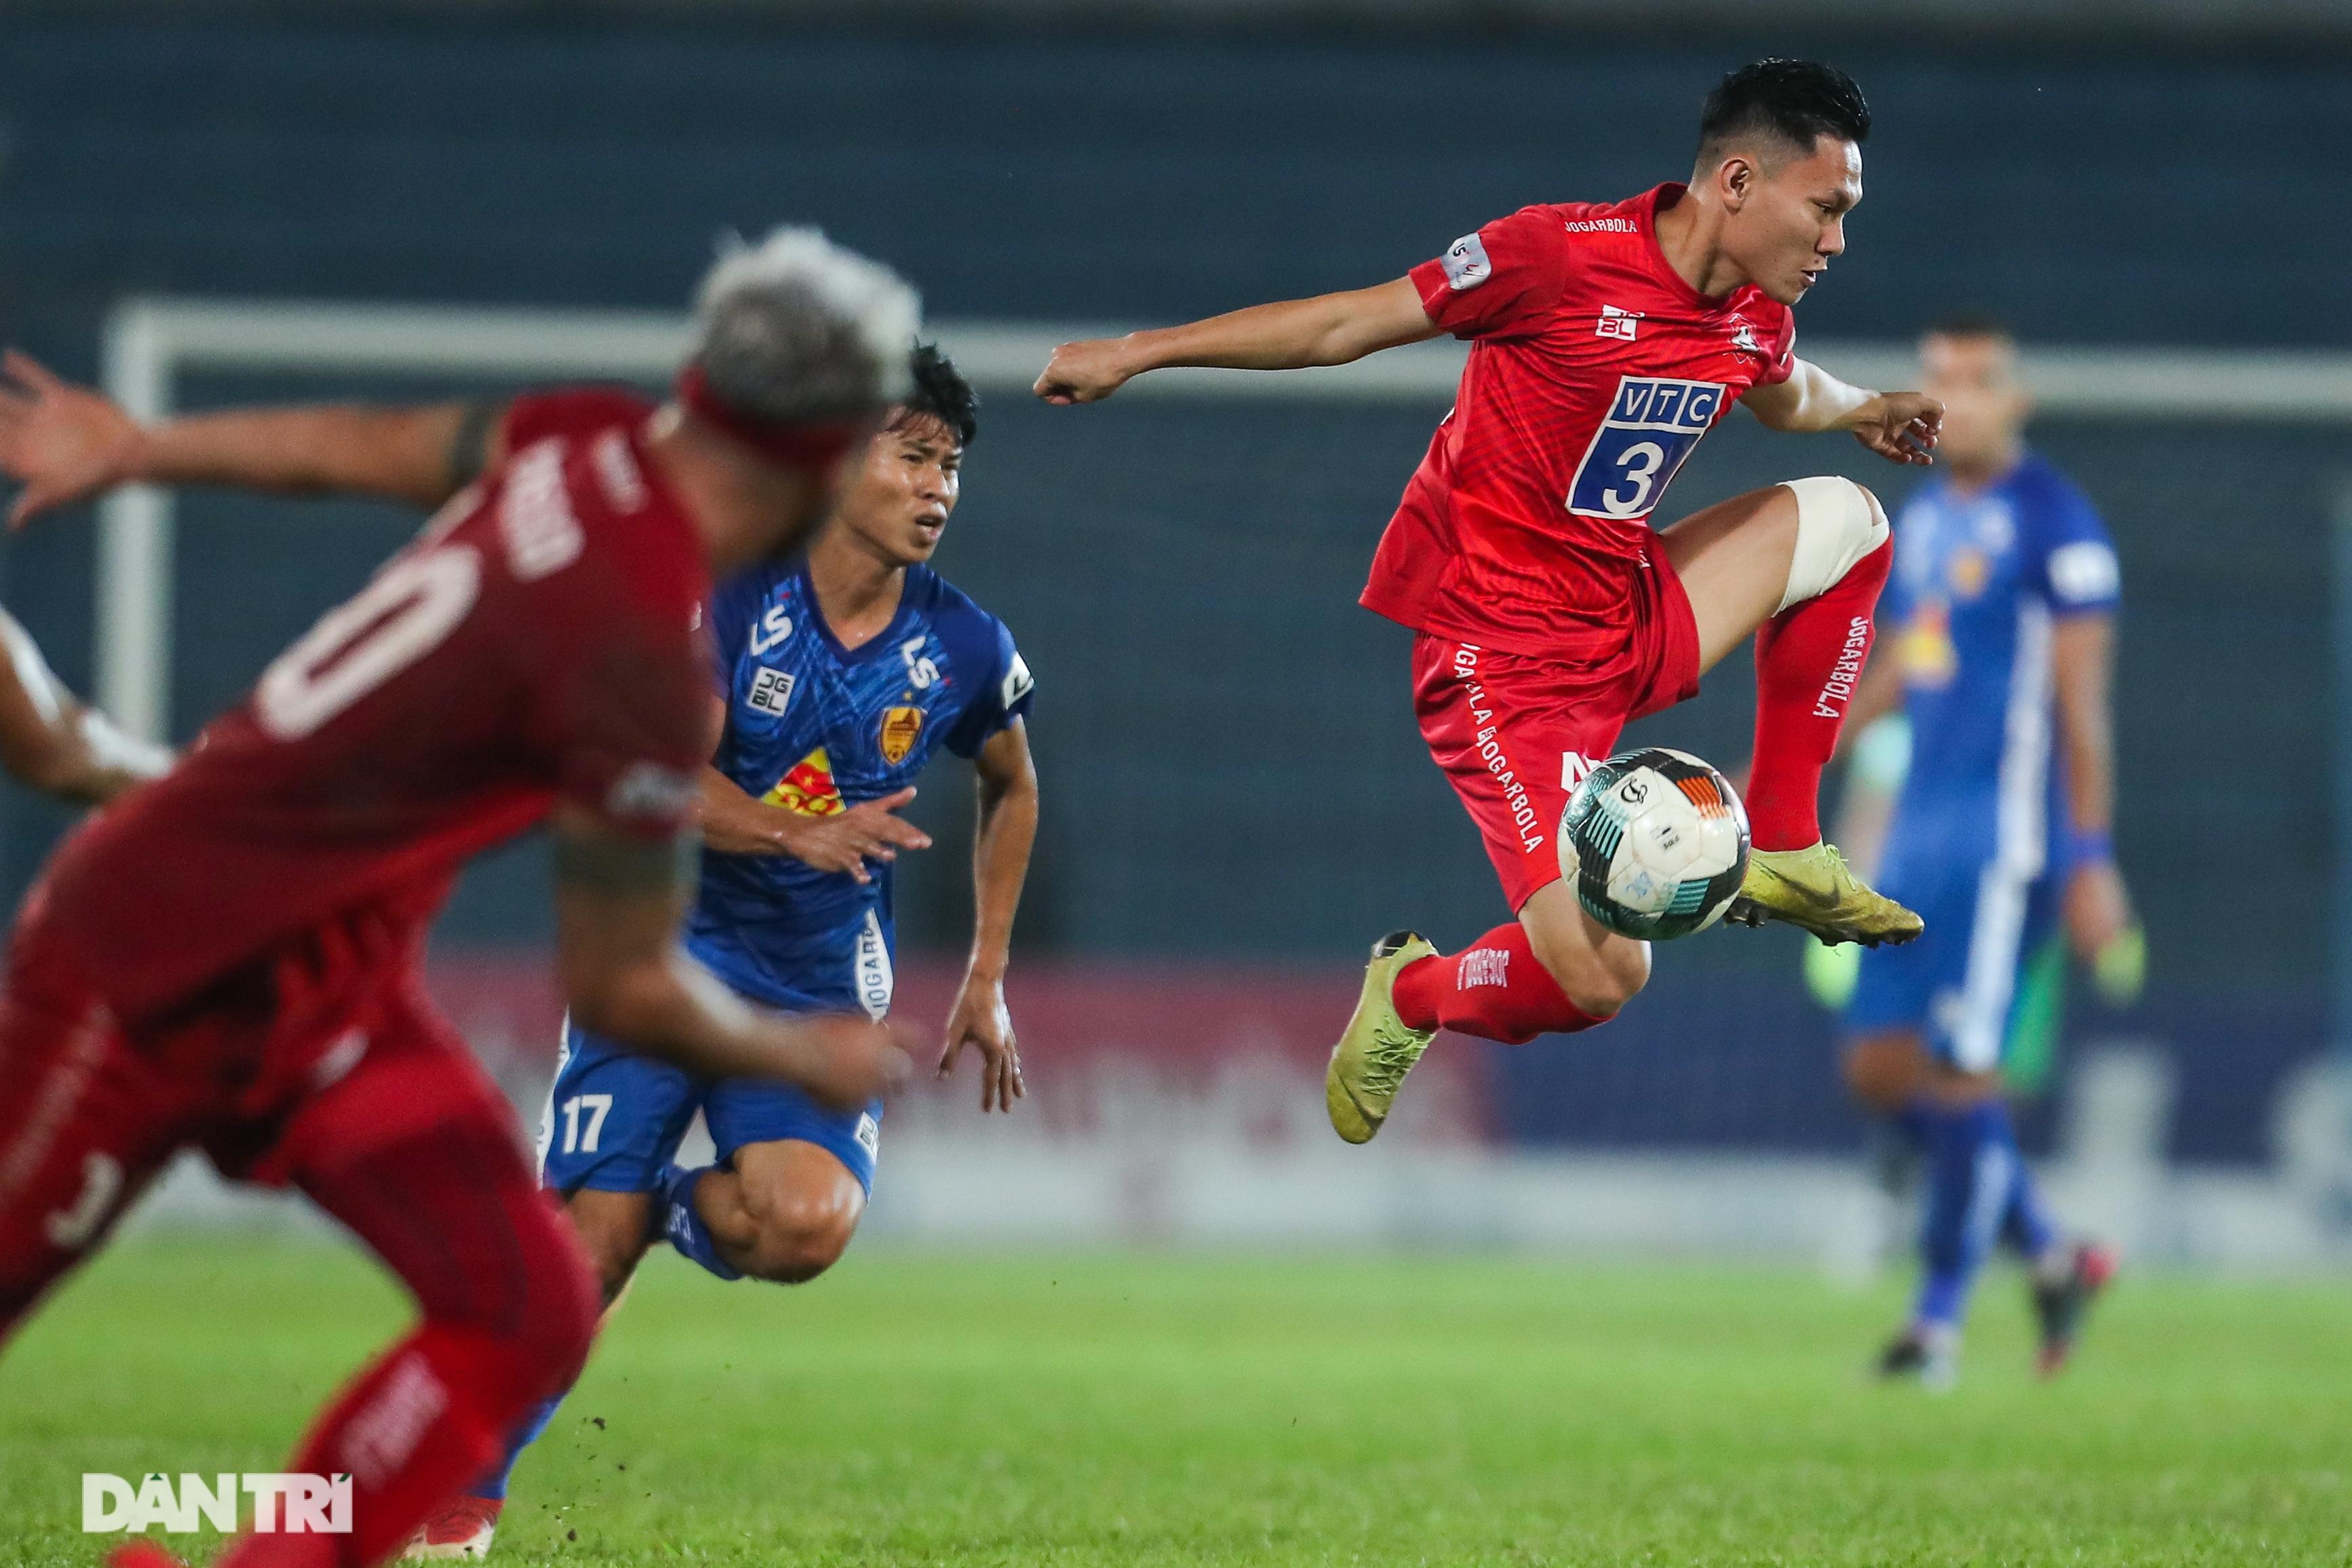 Thắng áp đảo nhưng CLB Quảng Nam vẫn phải xuống hạng, các cầu thủ bật khóc - 9